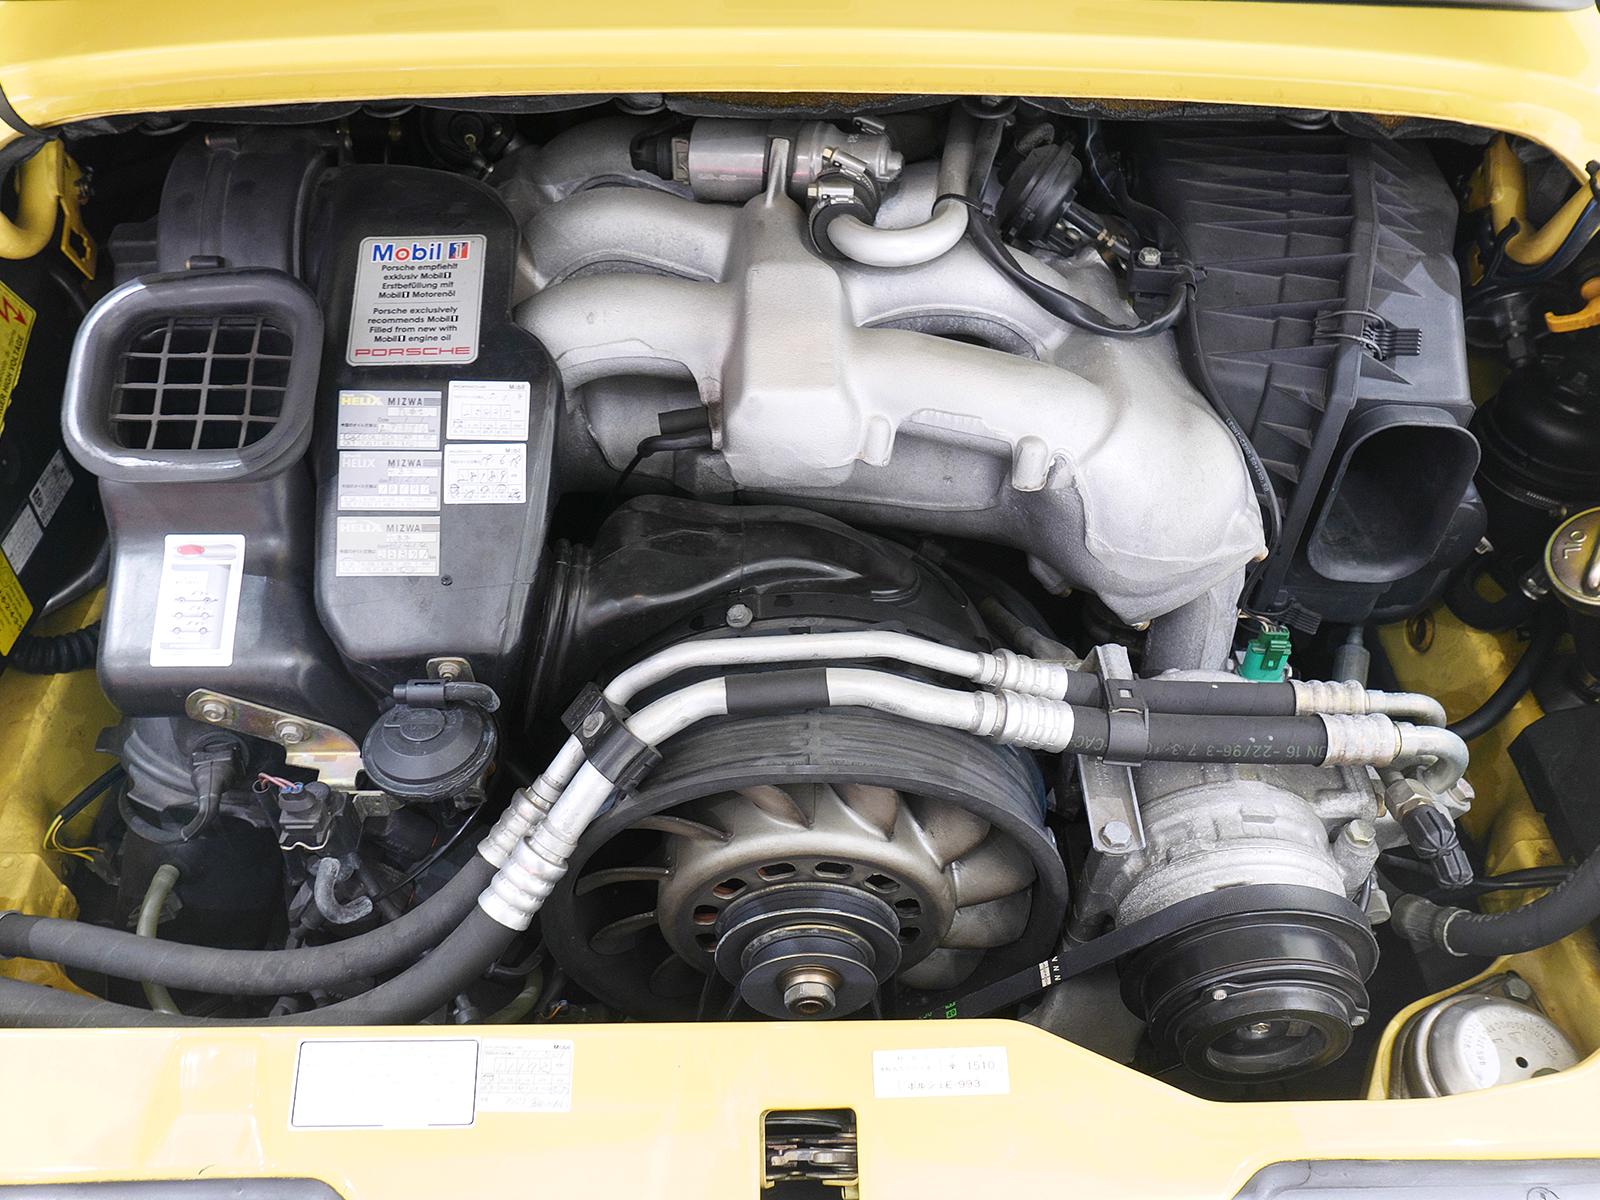 ポルシェ 911 タイプ993 カレラ タイプ Ⅰ エンジン